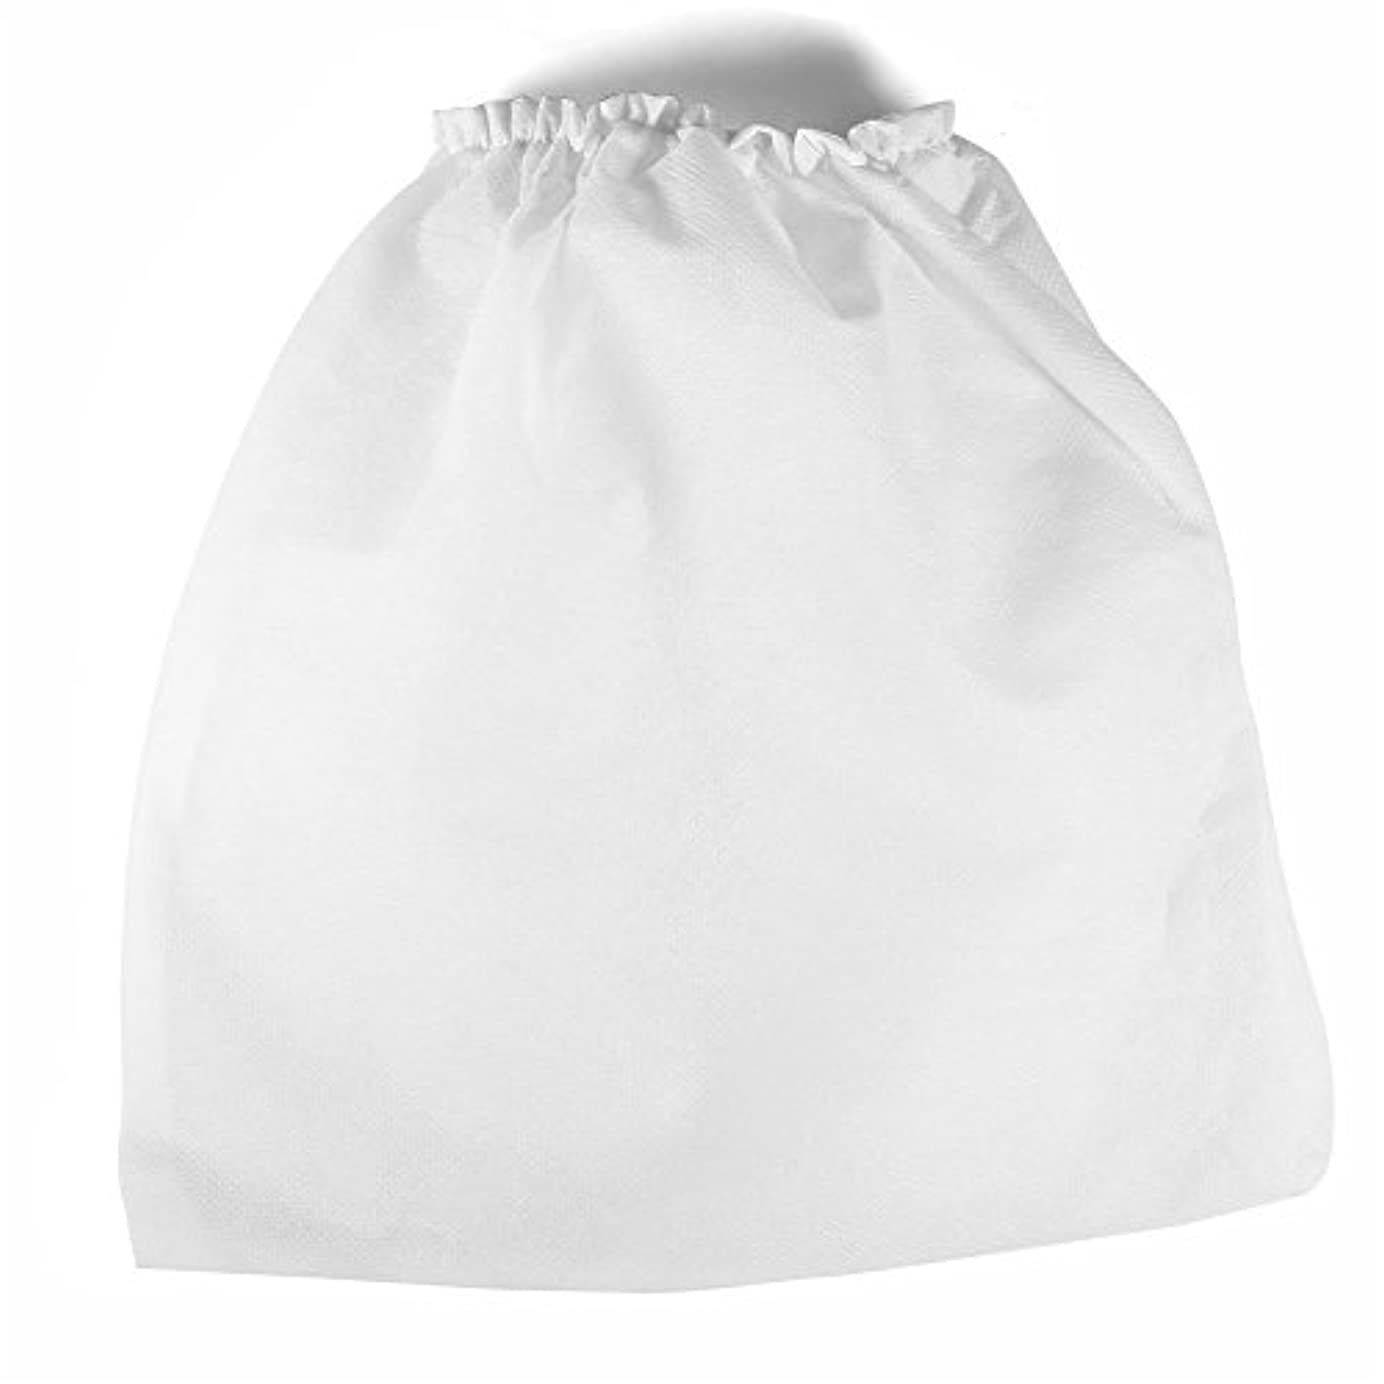 クリップ批評住む10本の不織布掃除機の交換用バッグ